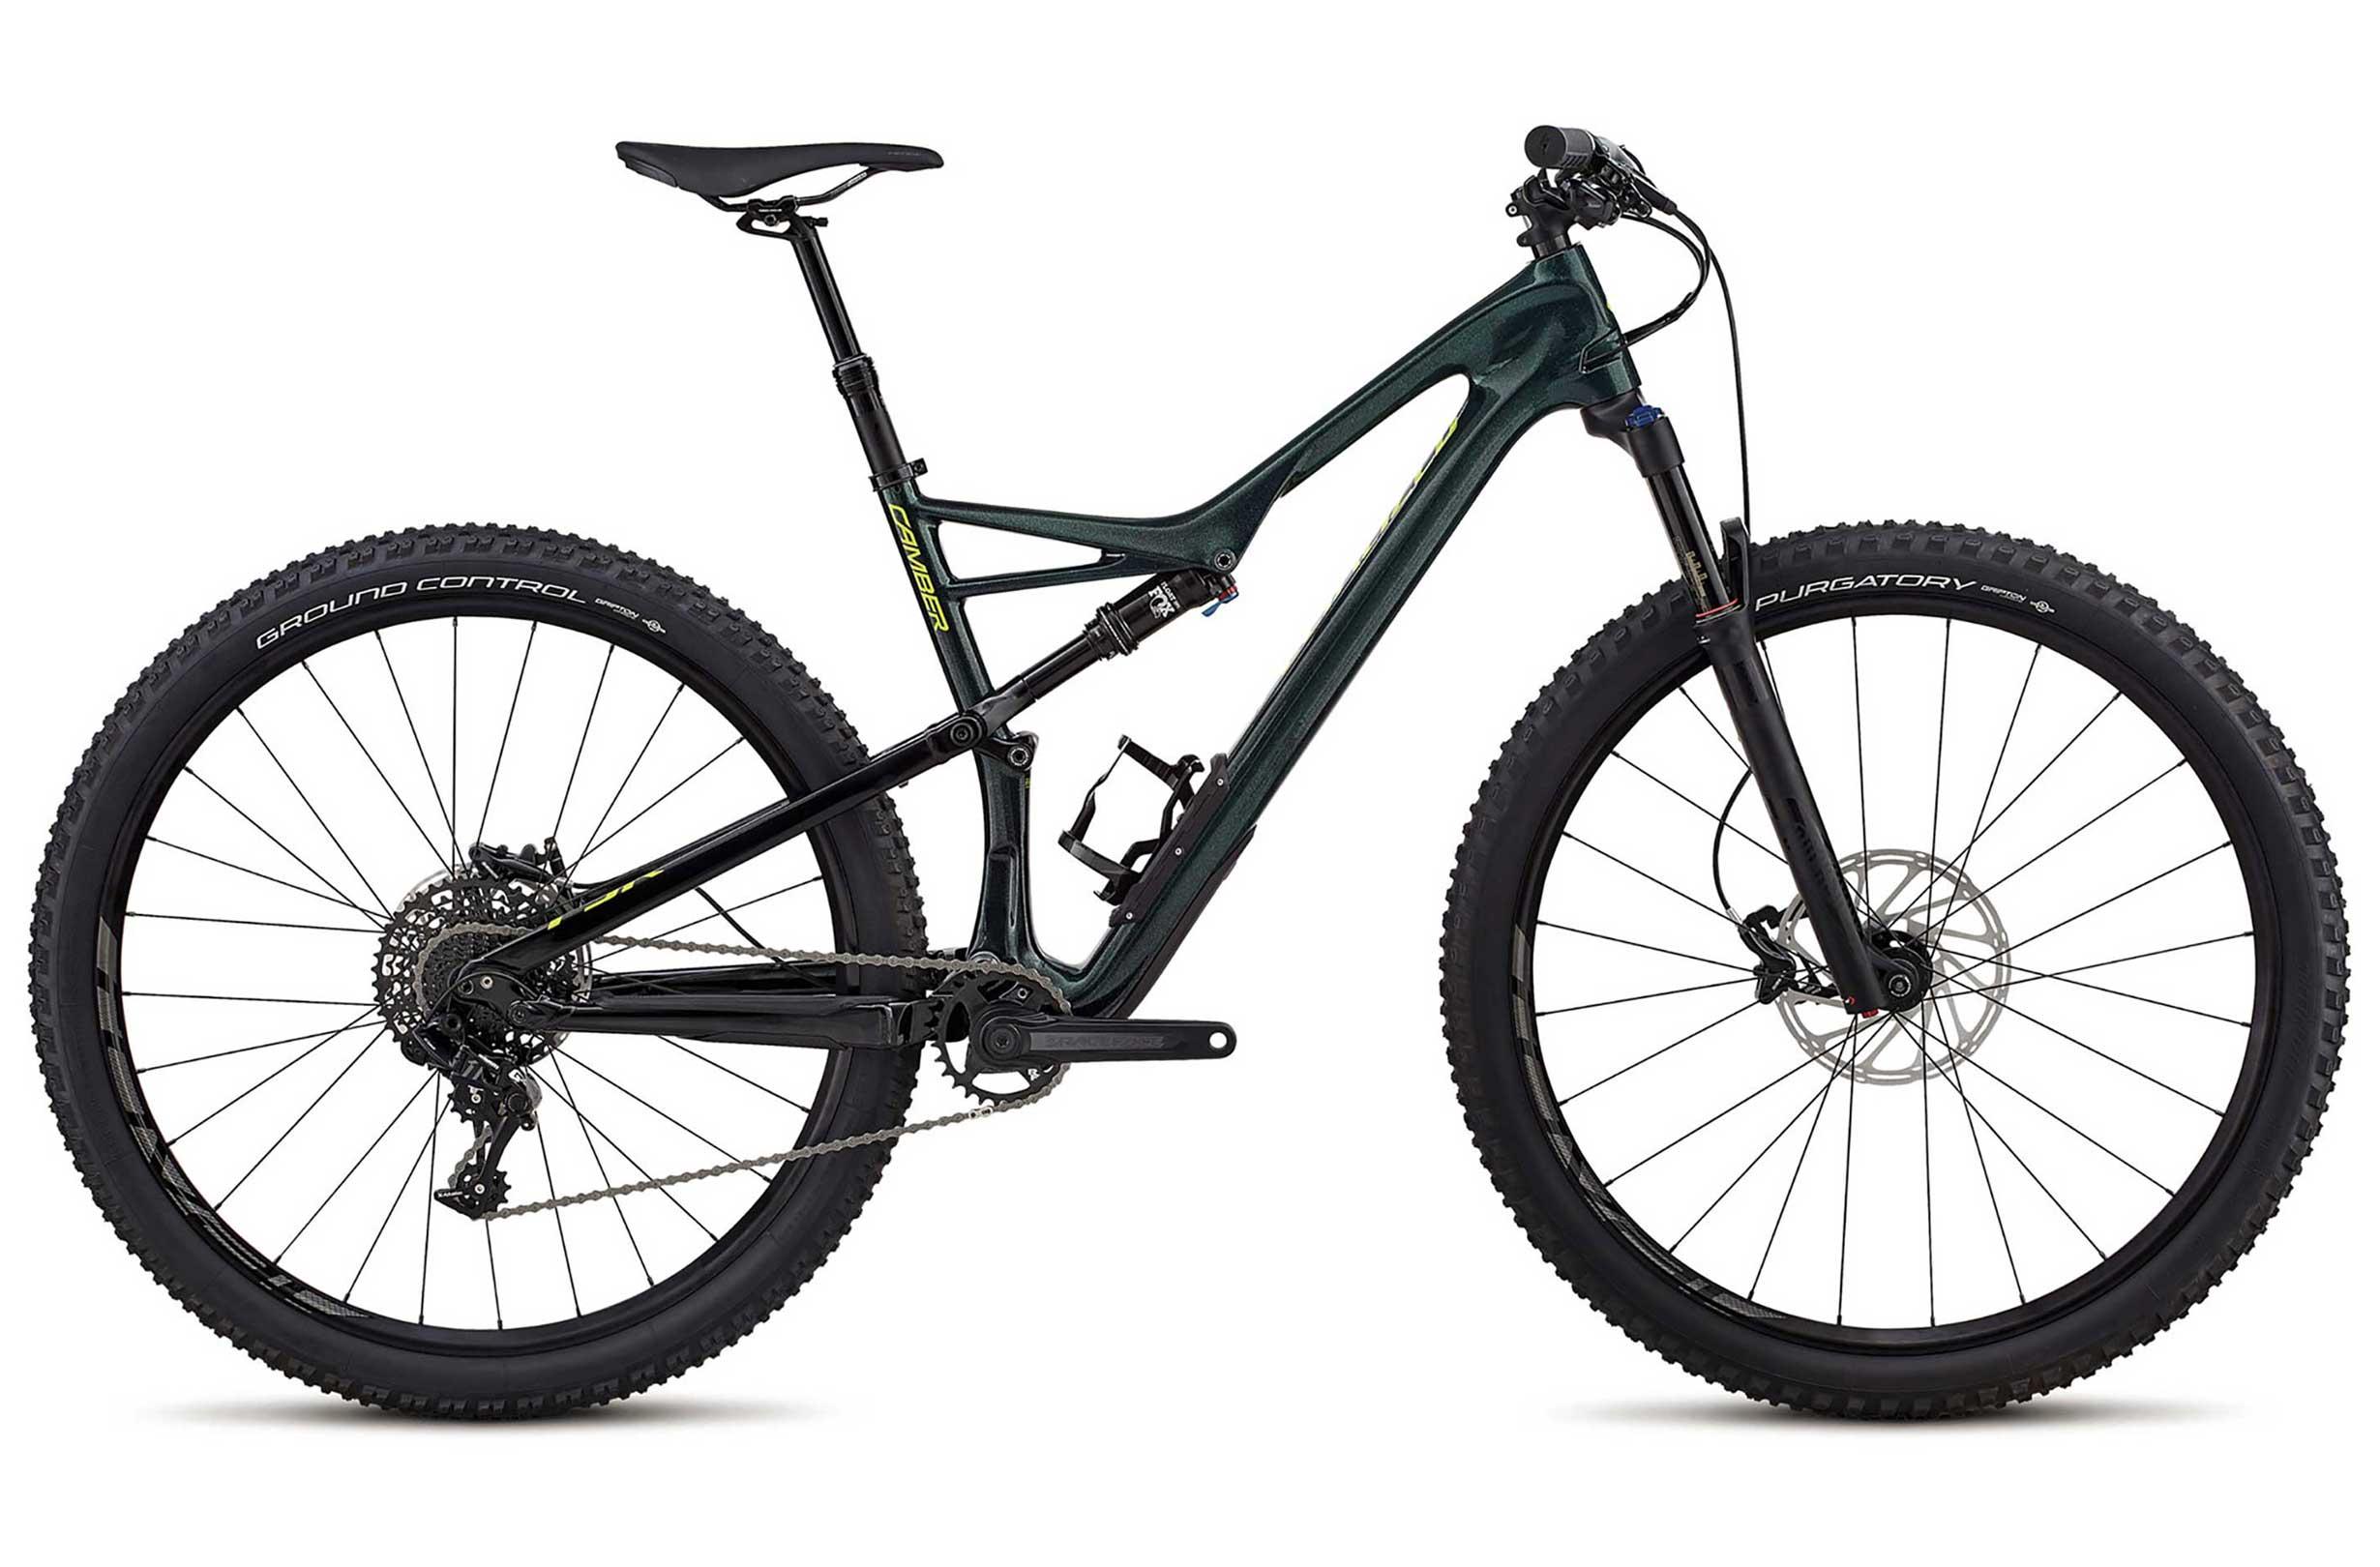 VTT Specialized Camber FSR Comp Carbon 29 (Sram GX, Carbone) - 2018 (S,M,L) - evanscycles.com